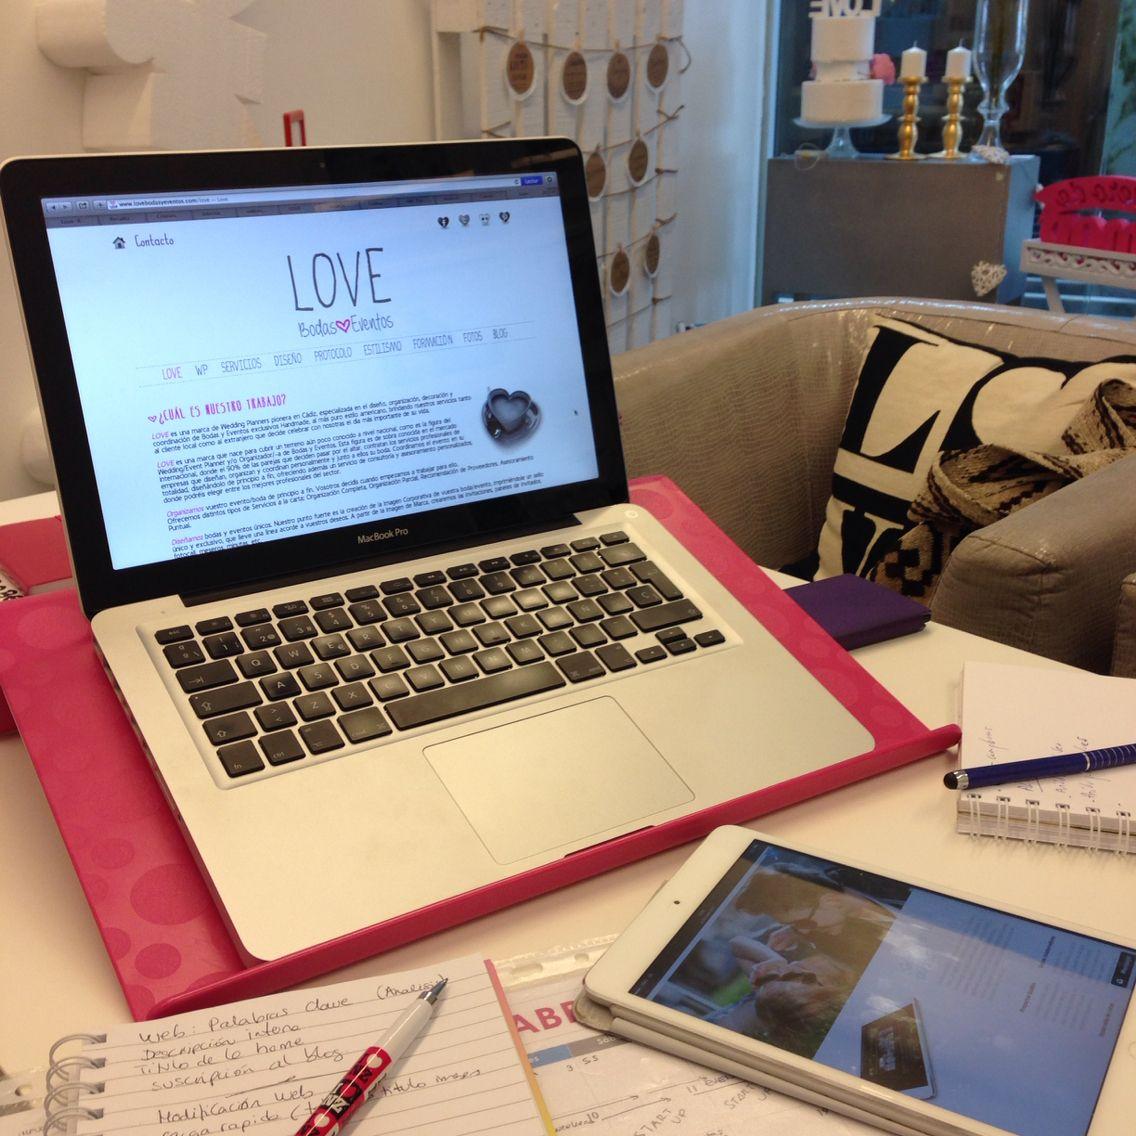 Aquí aprovechamos cada minuto ;) Recién llegados de la reu en Montecastillo y ahora a seguir trabajando con Guideo app y el Plan de Social Media, que están diseñando, personalmente, para LOVE.   Si quieres contar con un Plan de Social Media profesional para tu empresa, no dudéis en escribirles: www.guideoapp.com   Seguimos al lío! Que en un ratito nos toca tarde Chiclanera con una de nuestras #Lovers. ¡Mua!  LOVE @guideoapp #love #amor #happy #handmade #fashion #fitness #fit #weddings #bodas